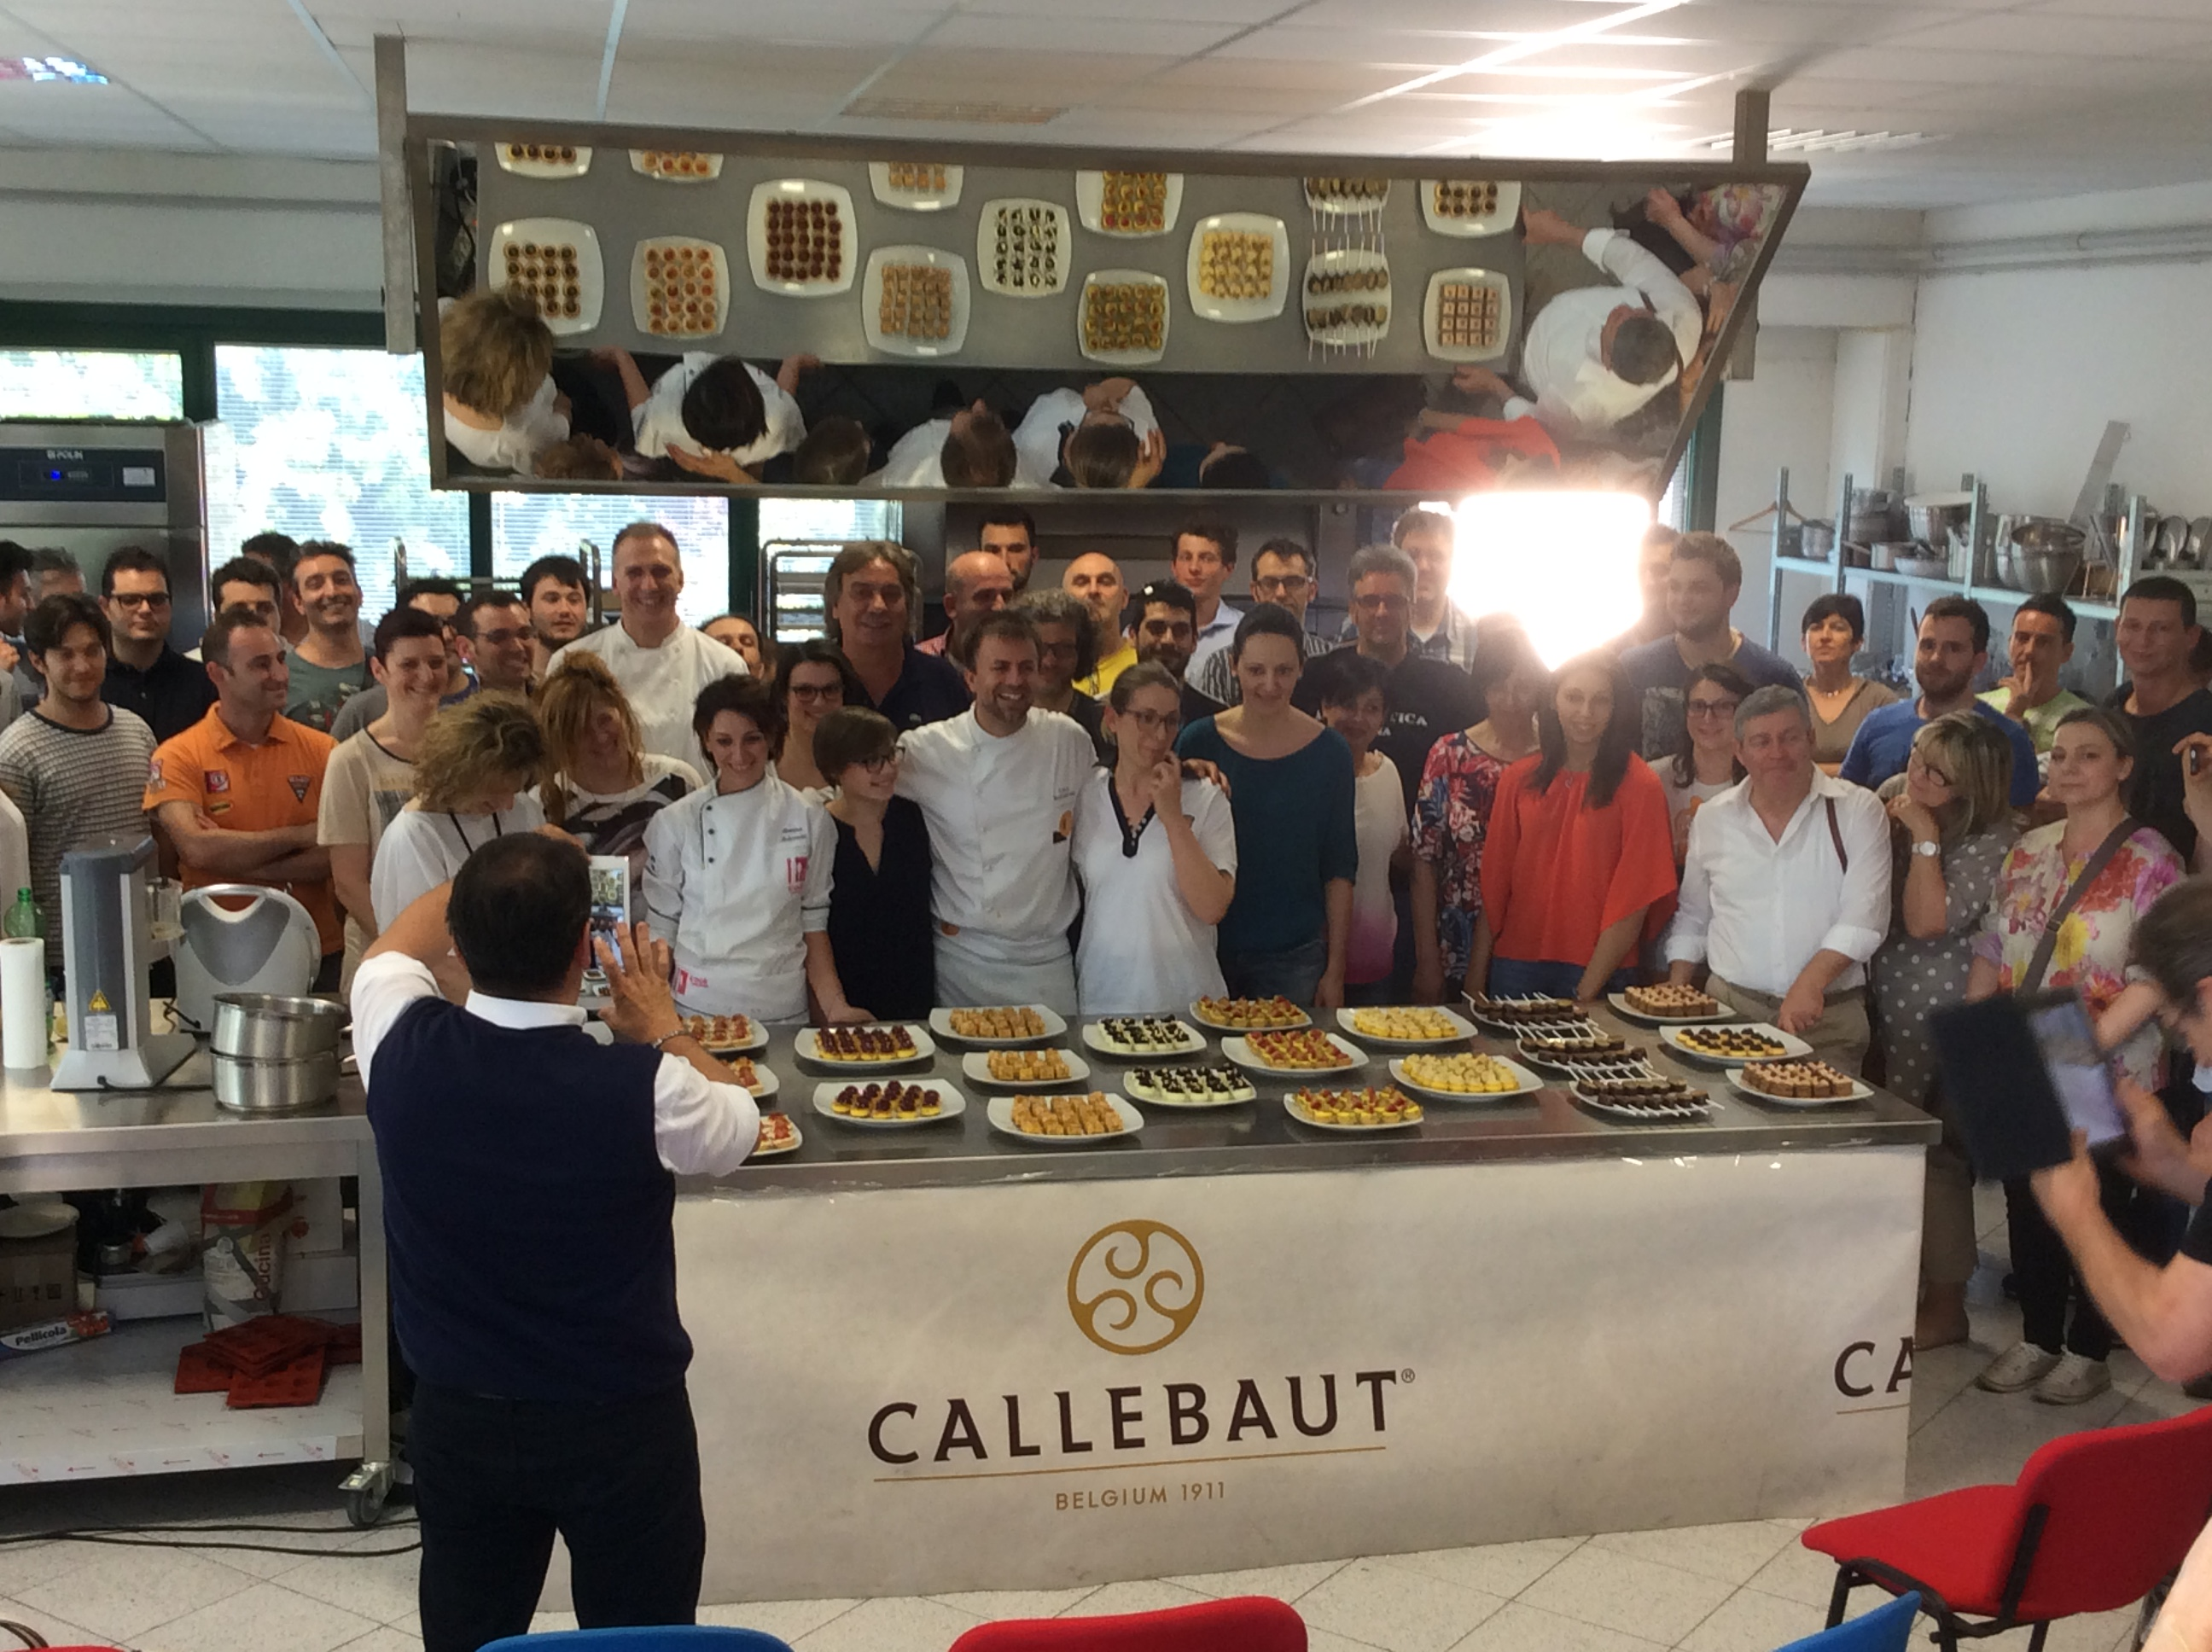 Buffet Di Dolci Mignon : Finardi dario srl u2013 10.05.15 la mignon dolce di luca montersino